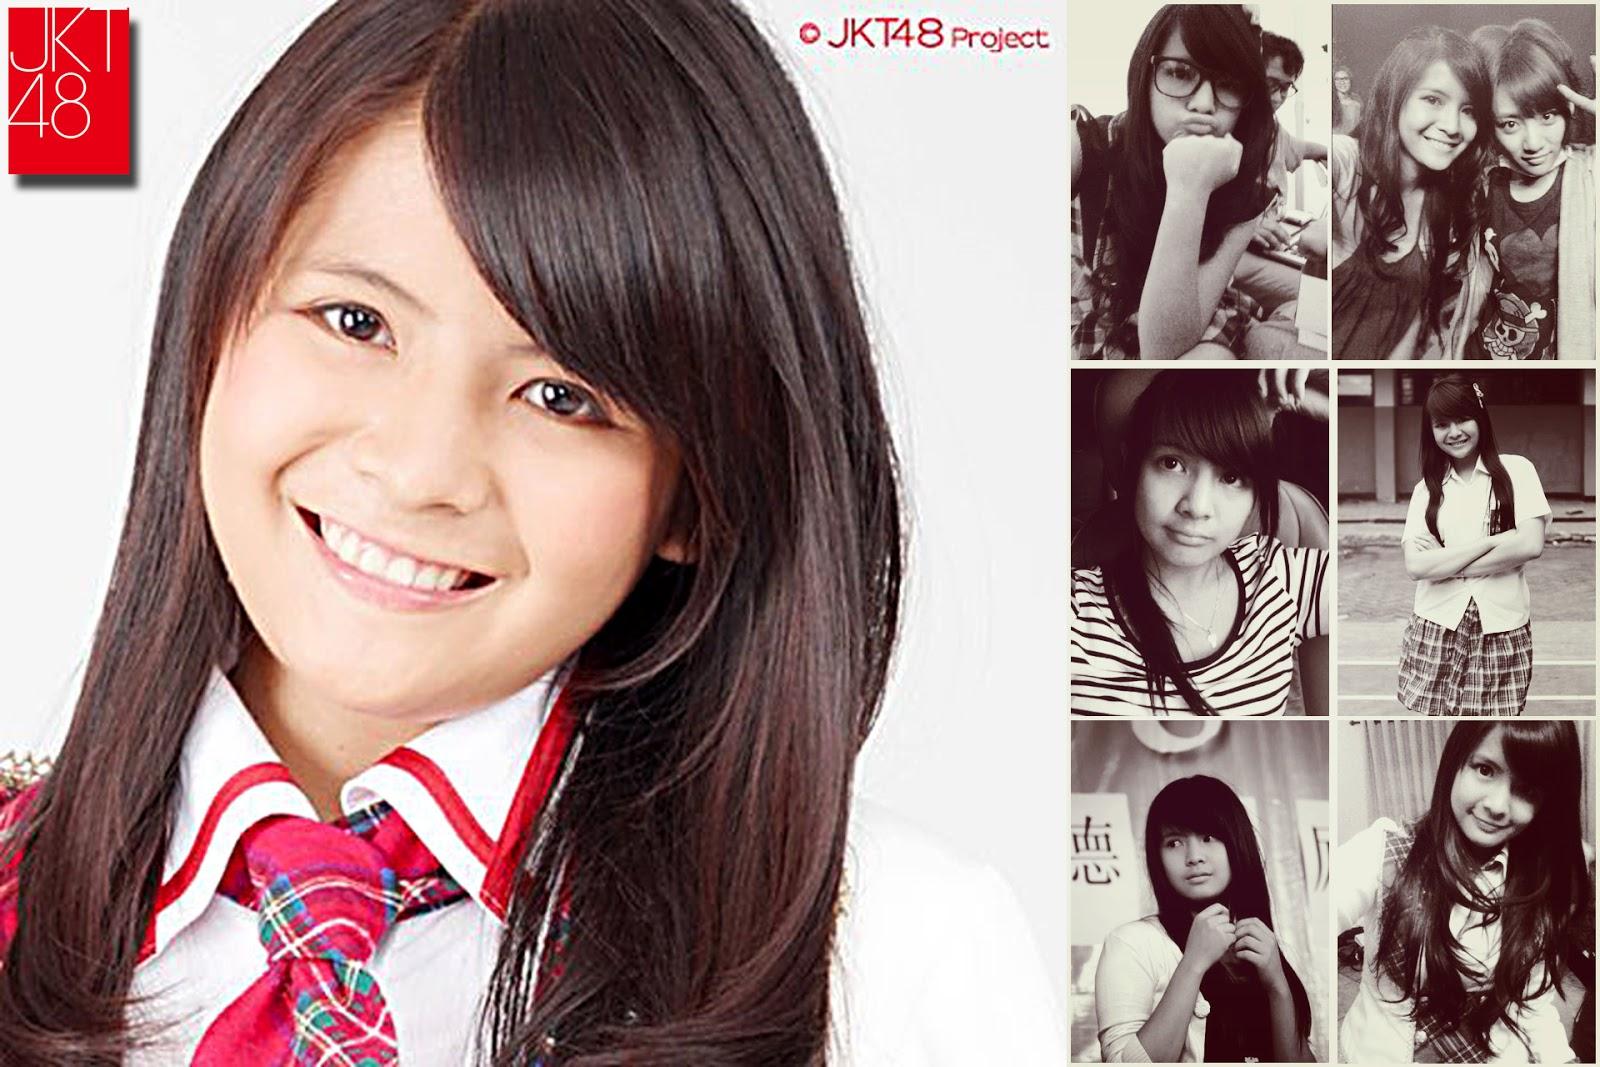 http://4.bp.blogspot.com/-pVESFRENxOM/ULmhR9YFGHI/AAAAAAAAAxU/xOZhnoyHng0/s1600/1417+-+JKT48+sonya+wallpaper.jpg